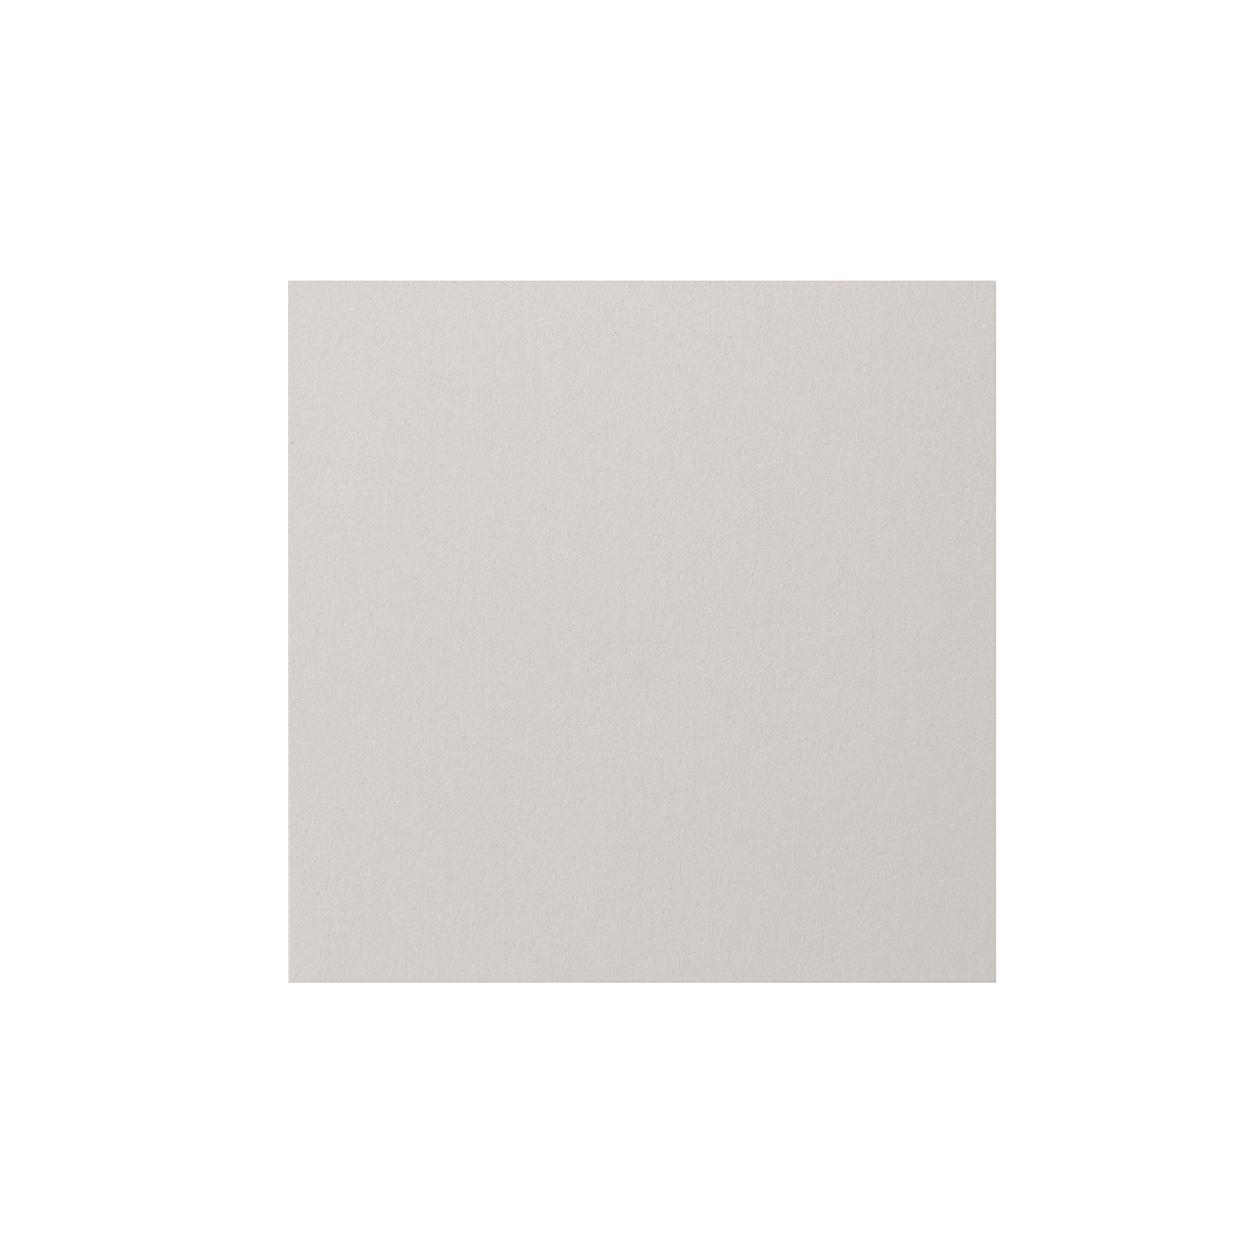 #27カード ボード紙 グレー 450g